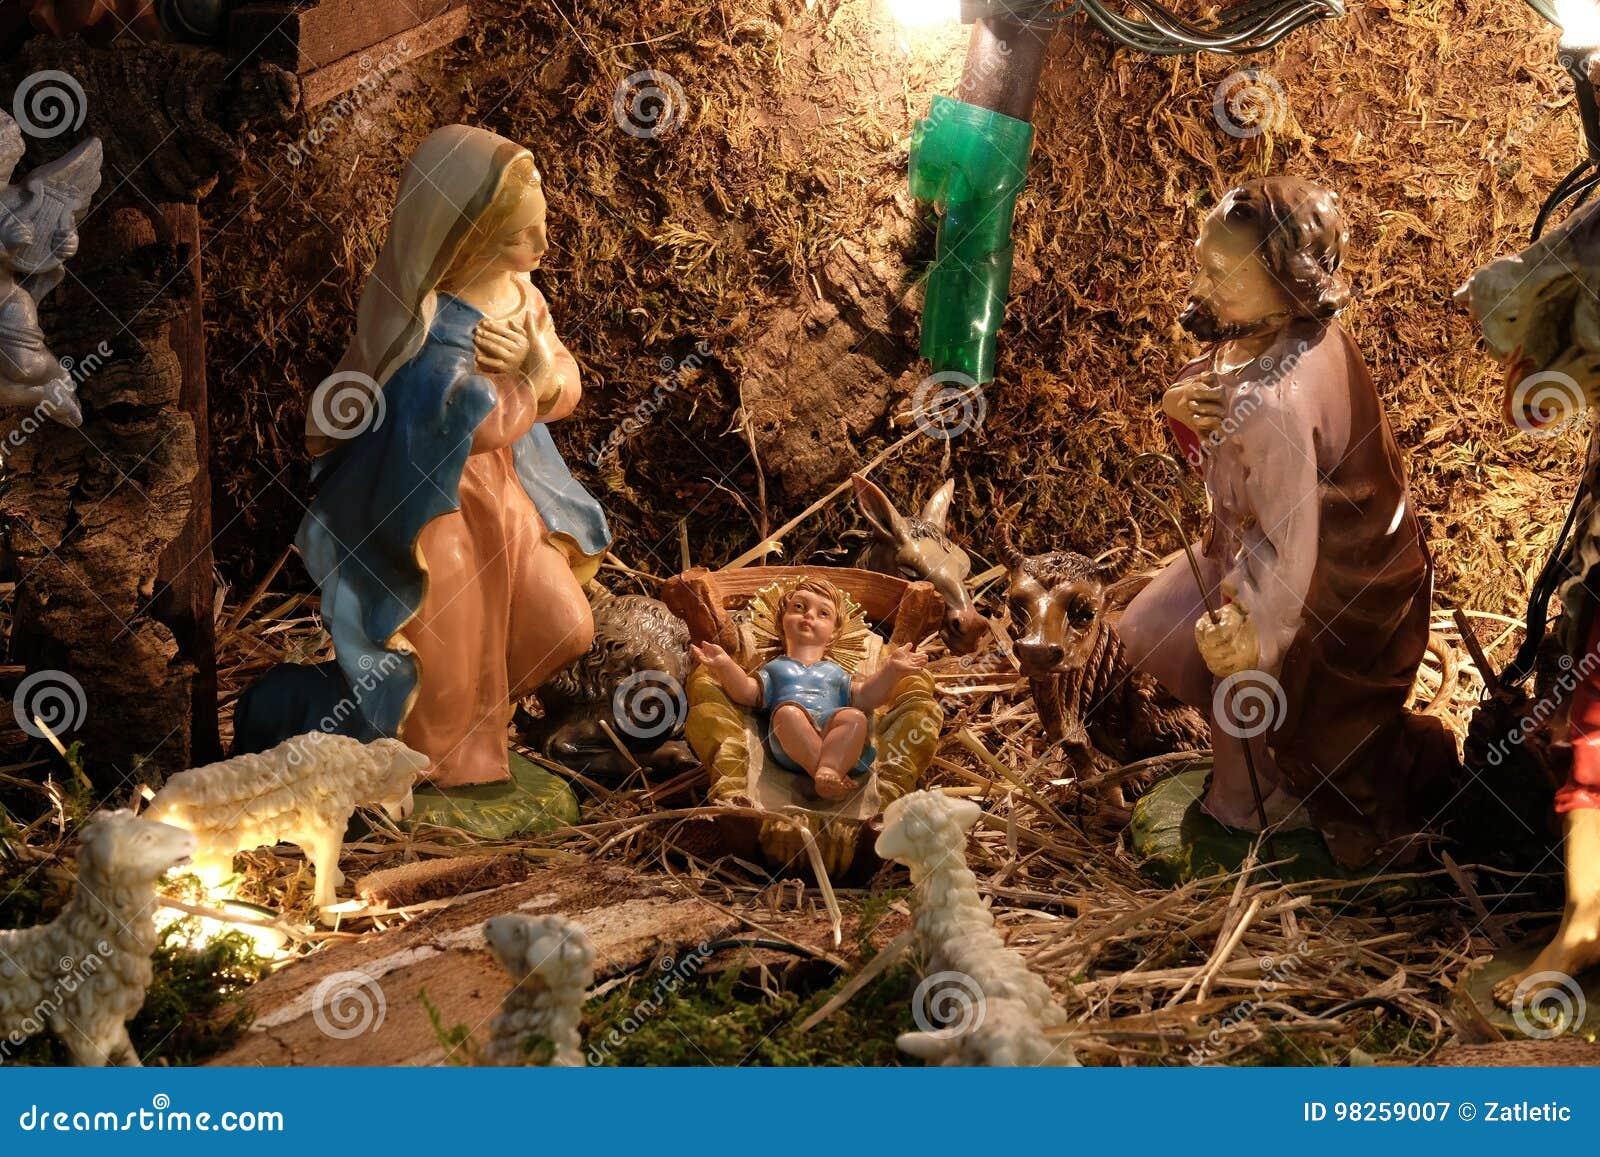 El nacimiento de Jesús imagen de archivo. Imagen de decoraciones ...